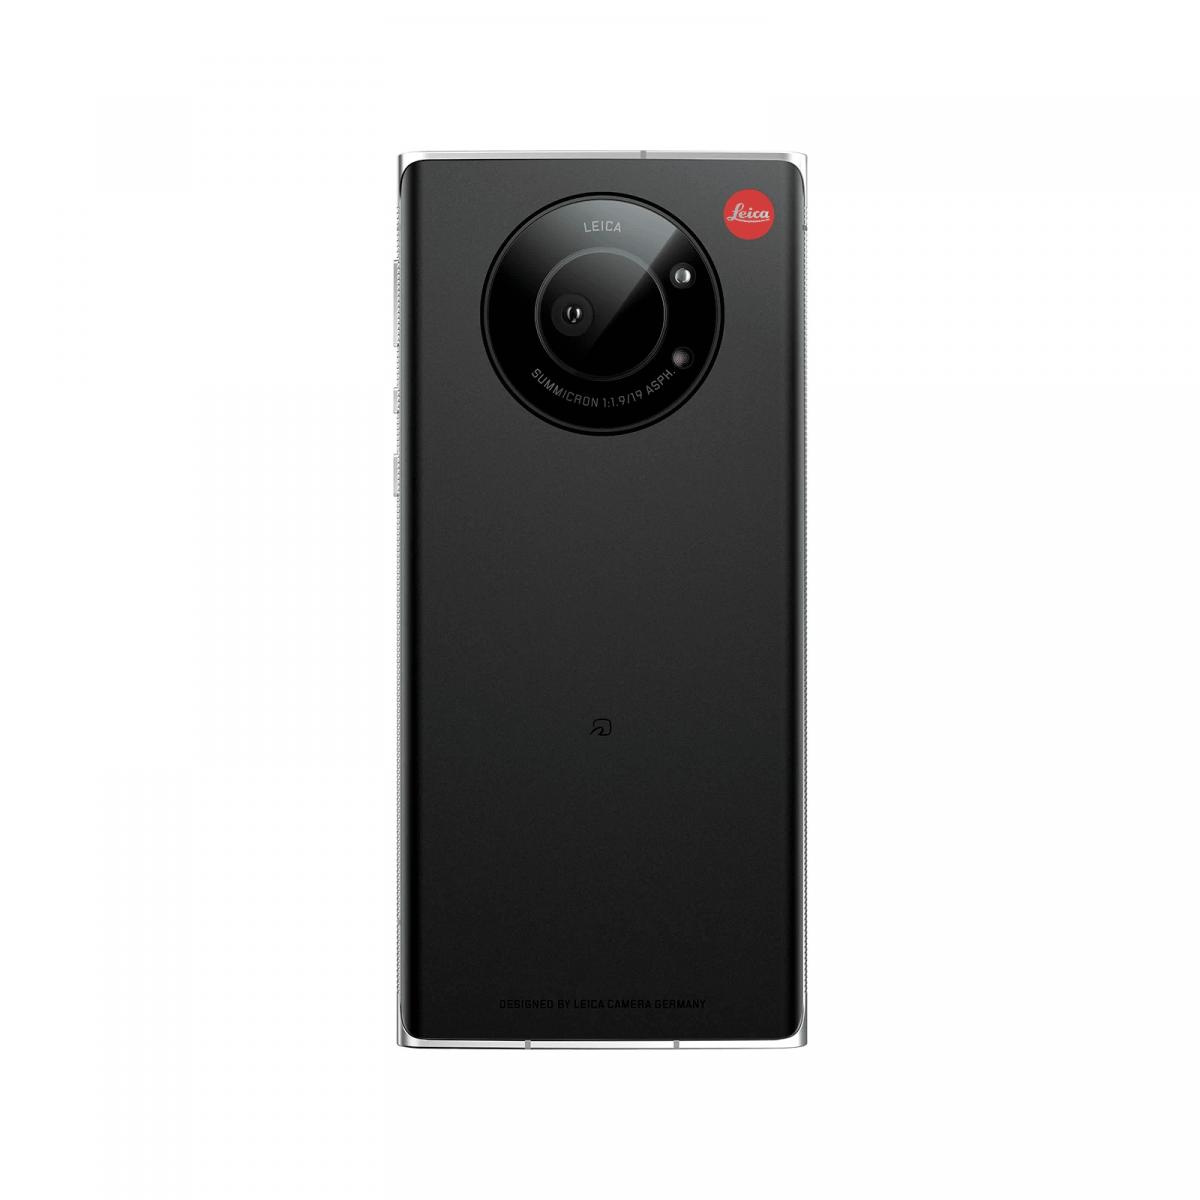 Представлен Leitz Phone 1 с самой большой мобильной камерой